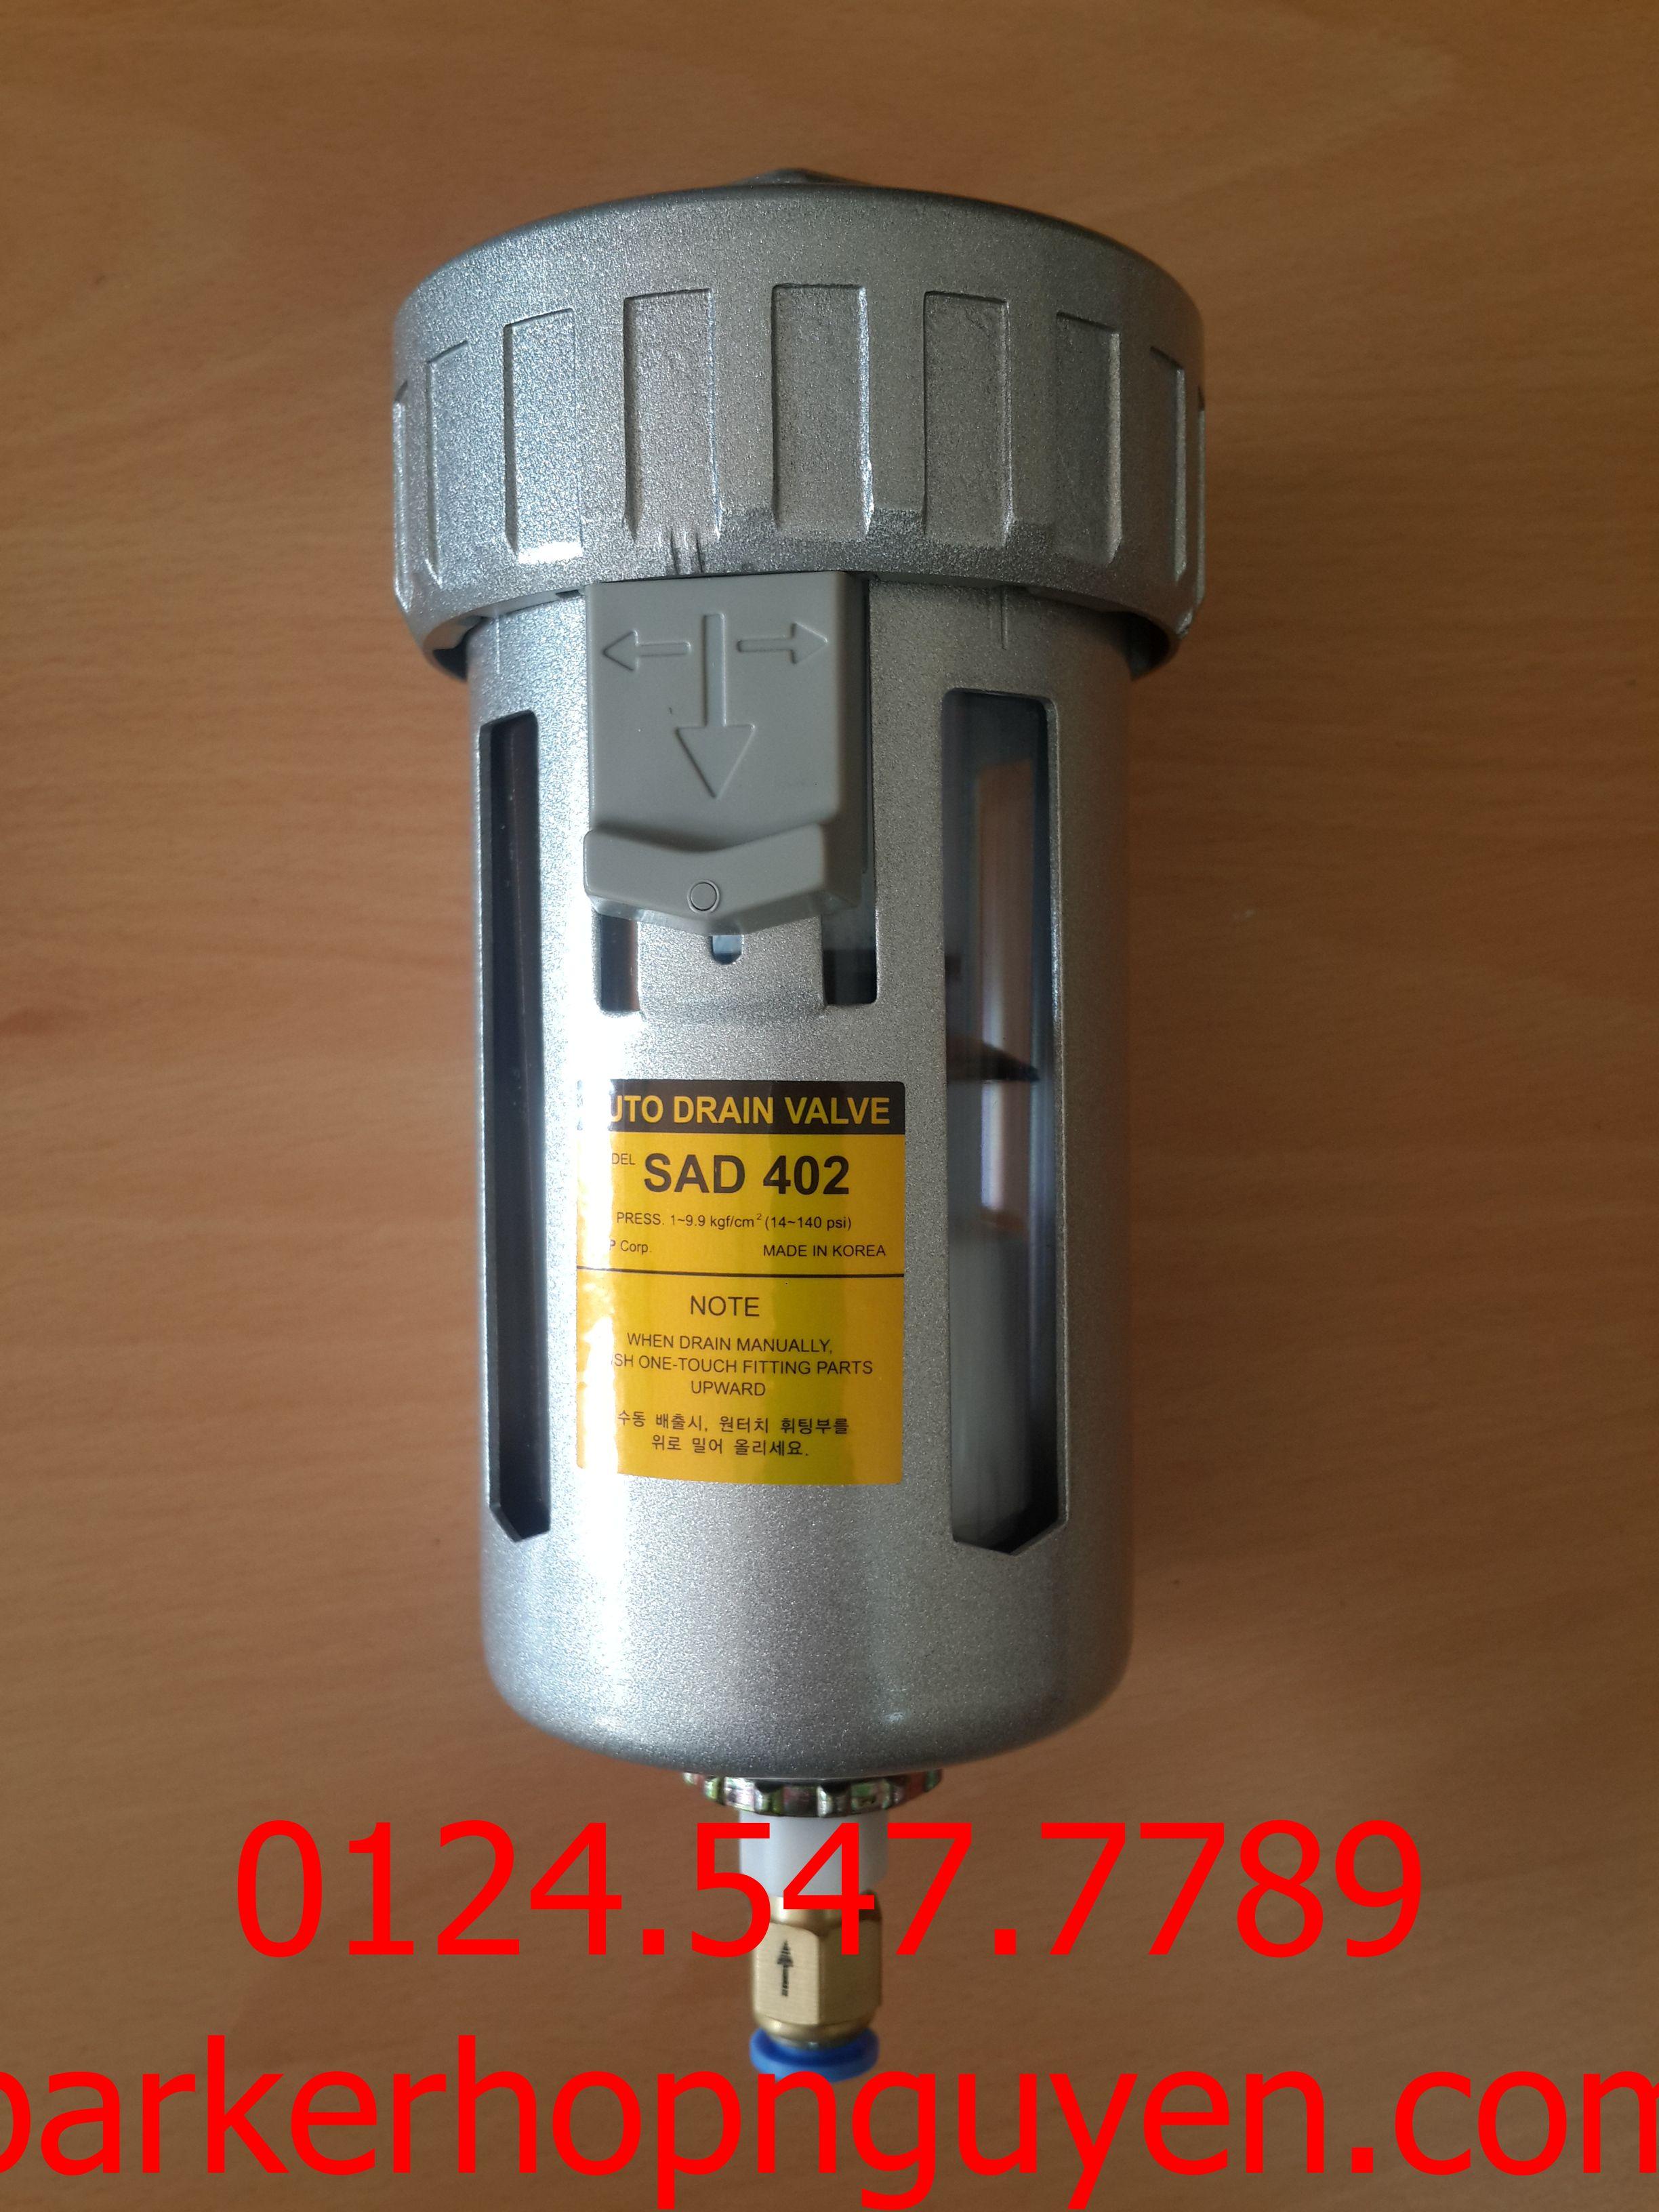 Thiết bị lọc xả tự động SAD402-04